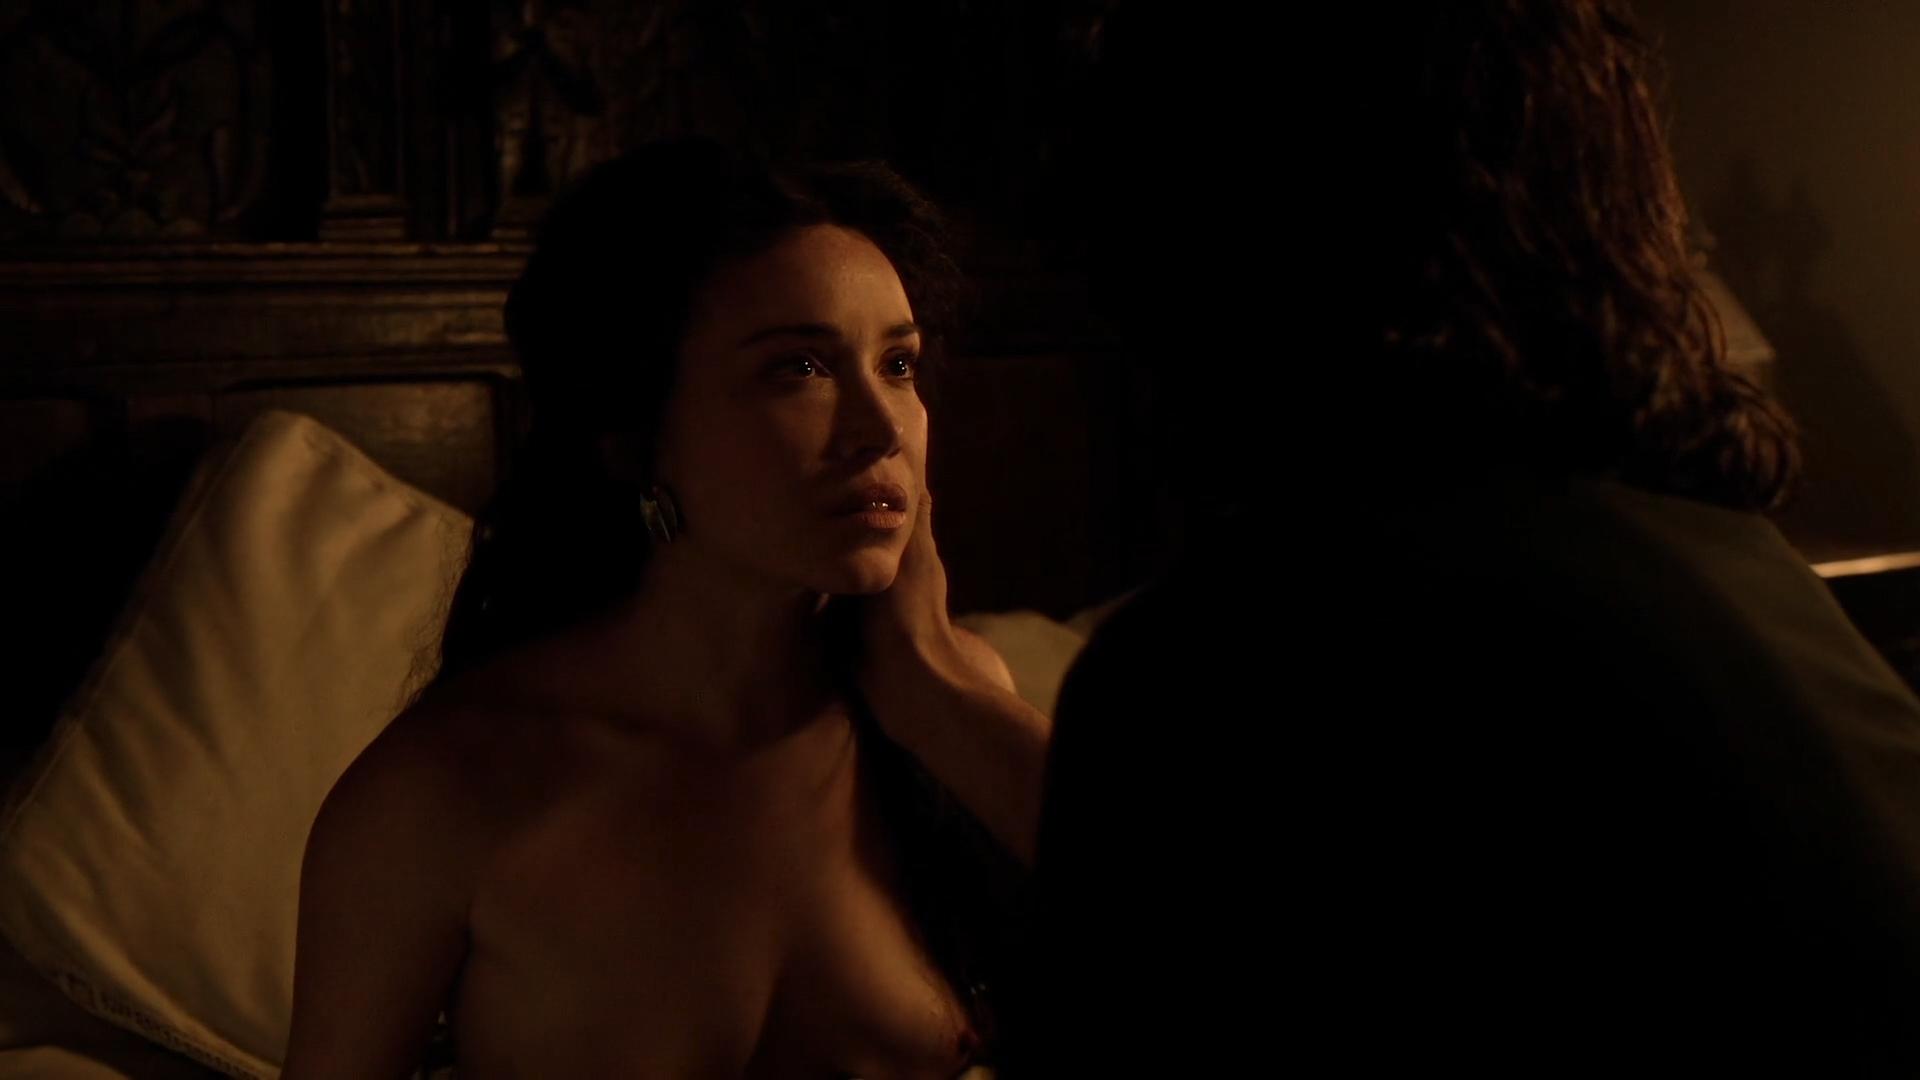 Daisy Lewis nude topless and sex - Borgia (2013) S02E01-02 HD 1080p (13)